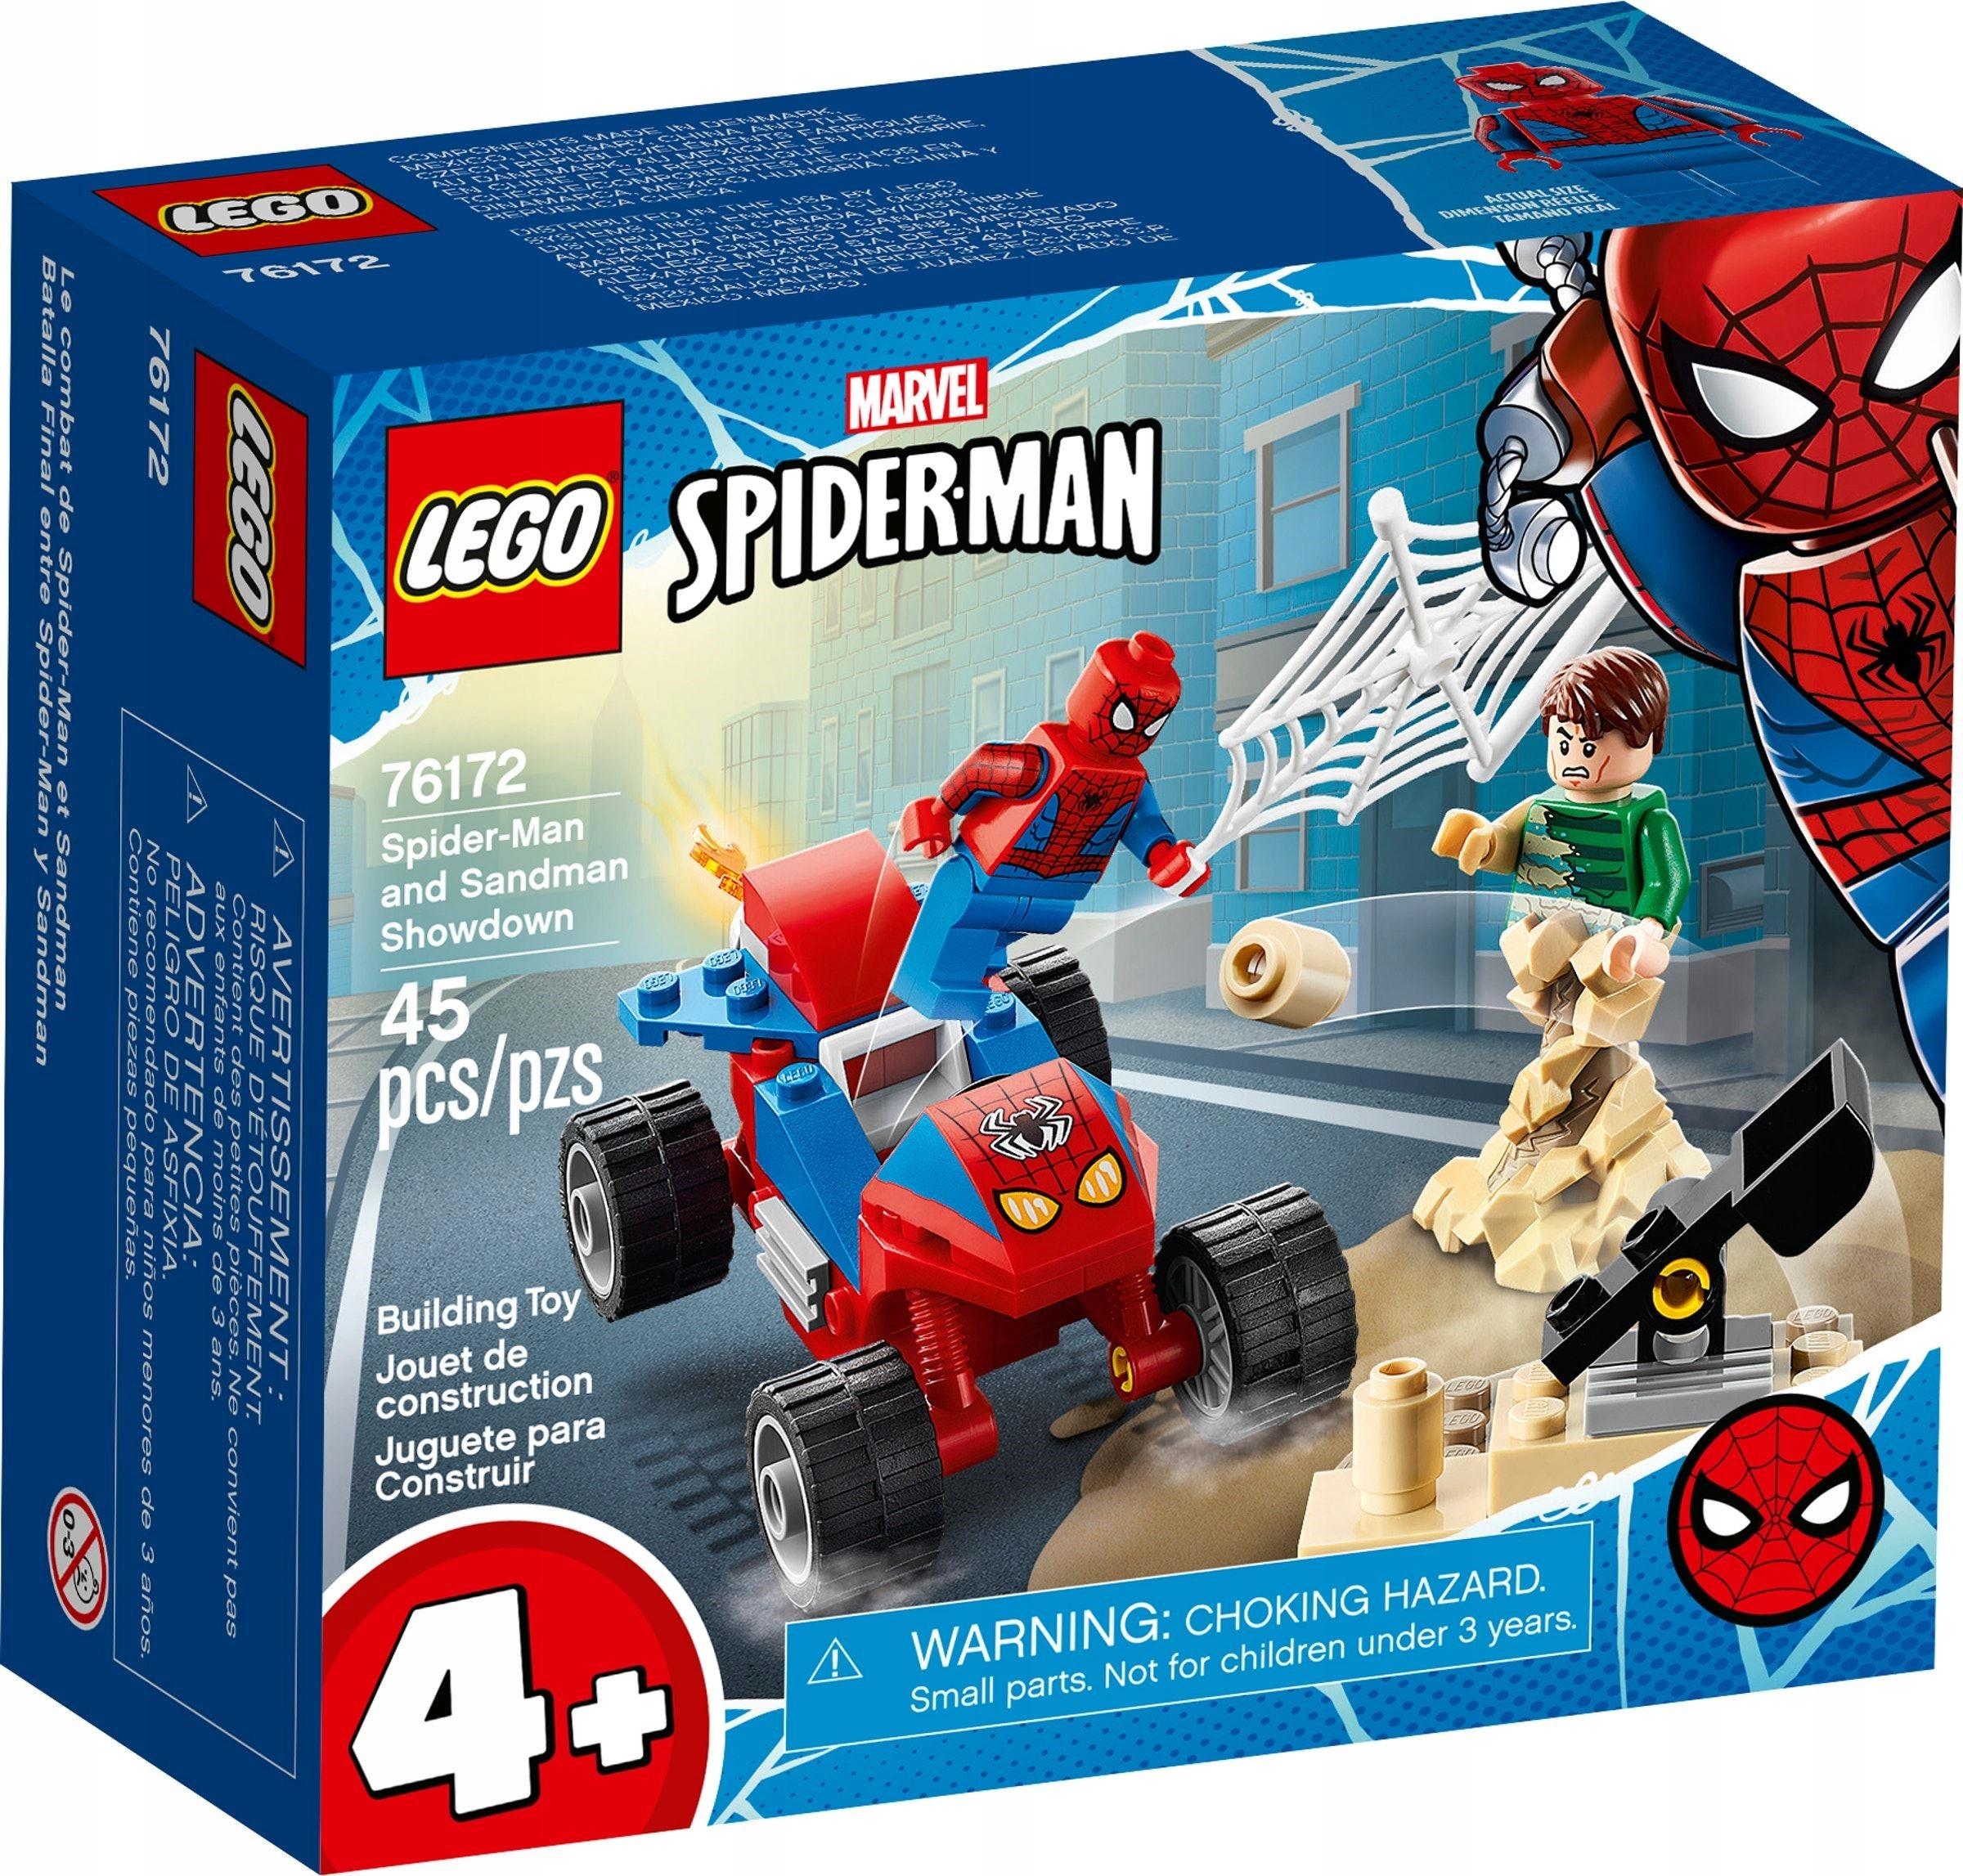 LEGO MARVEL SPIDER MAN Pojedynek z Sandmanem 76172